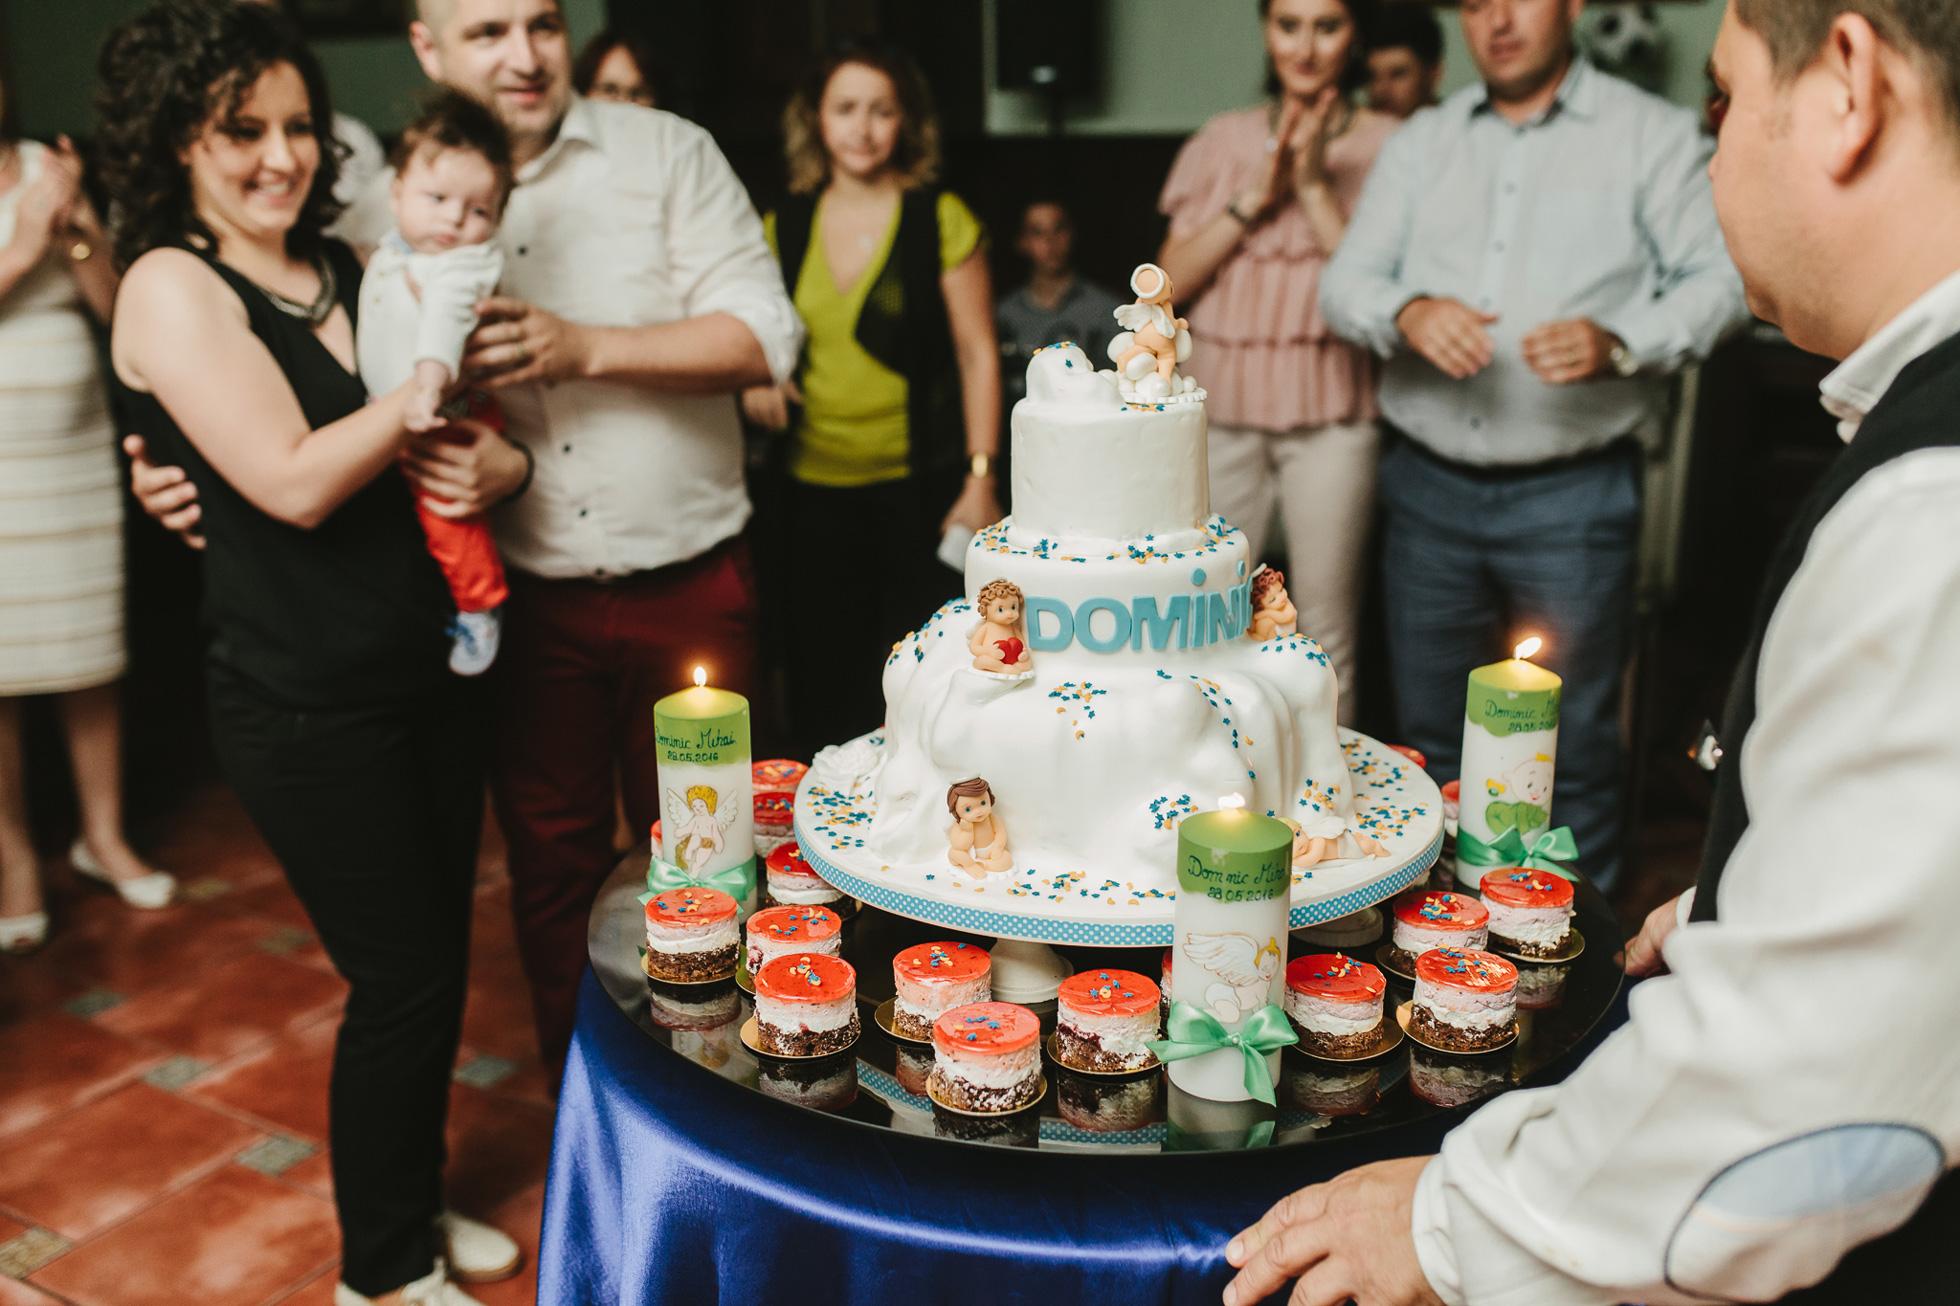 dominic-teaser-178